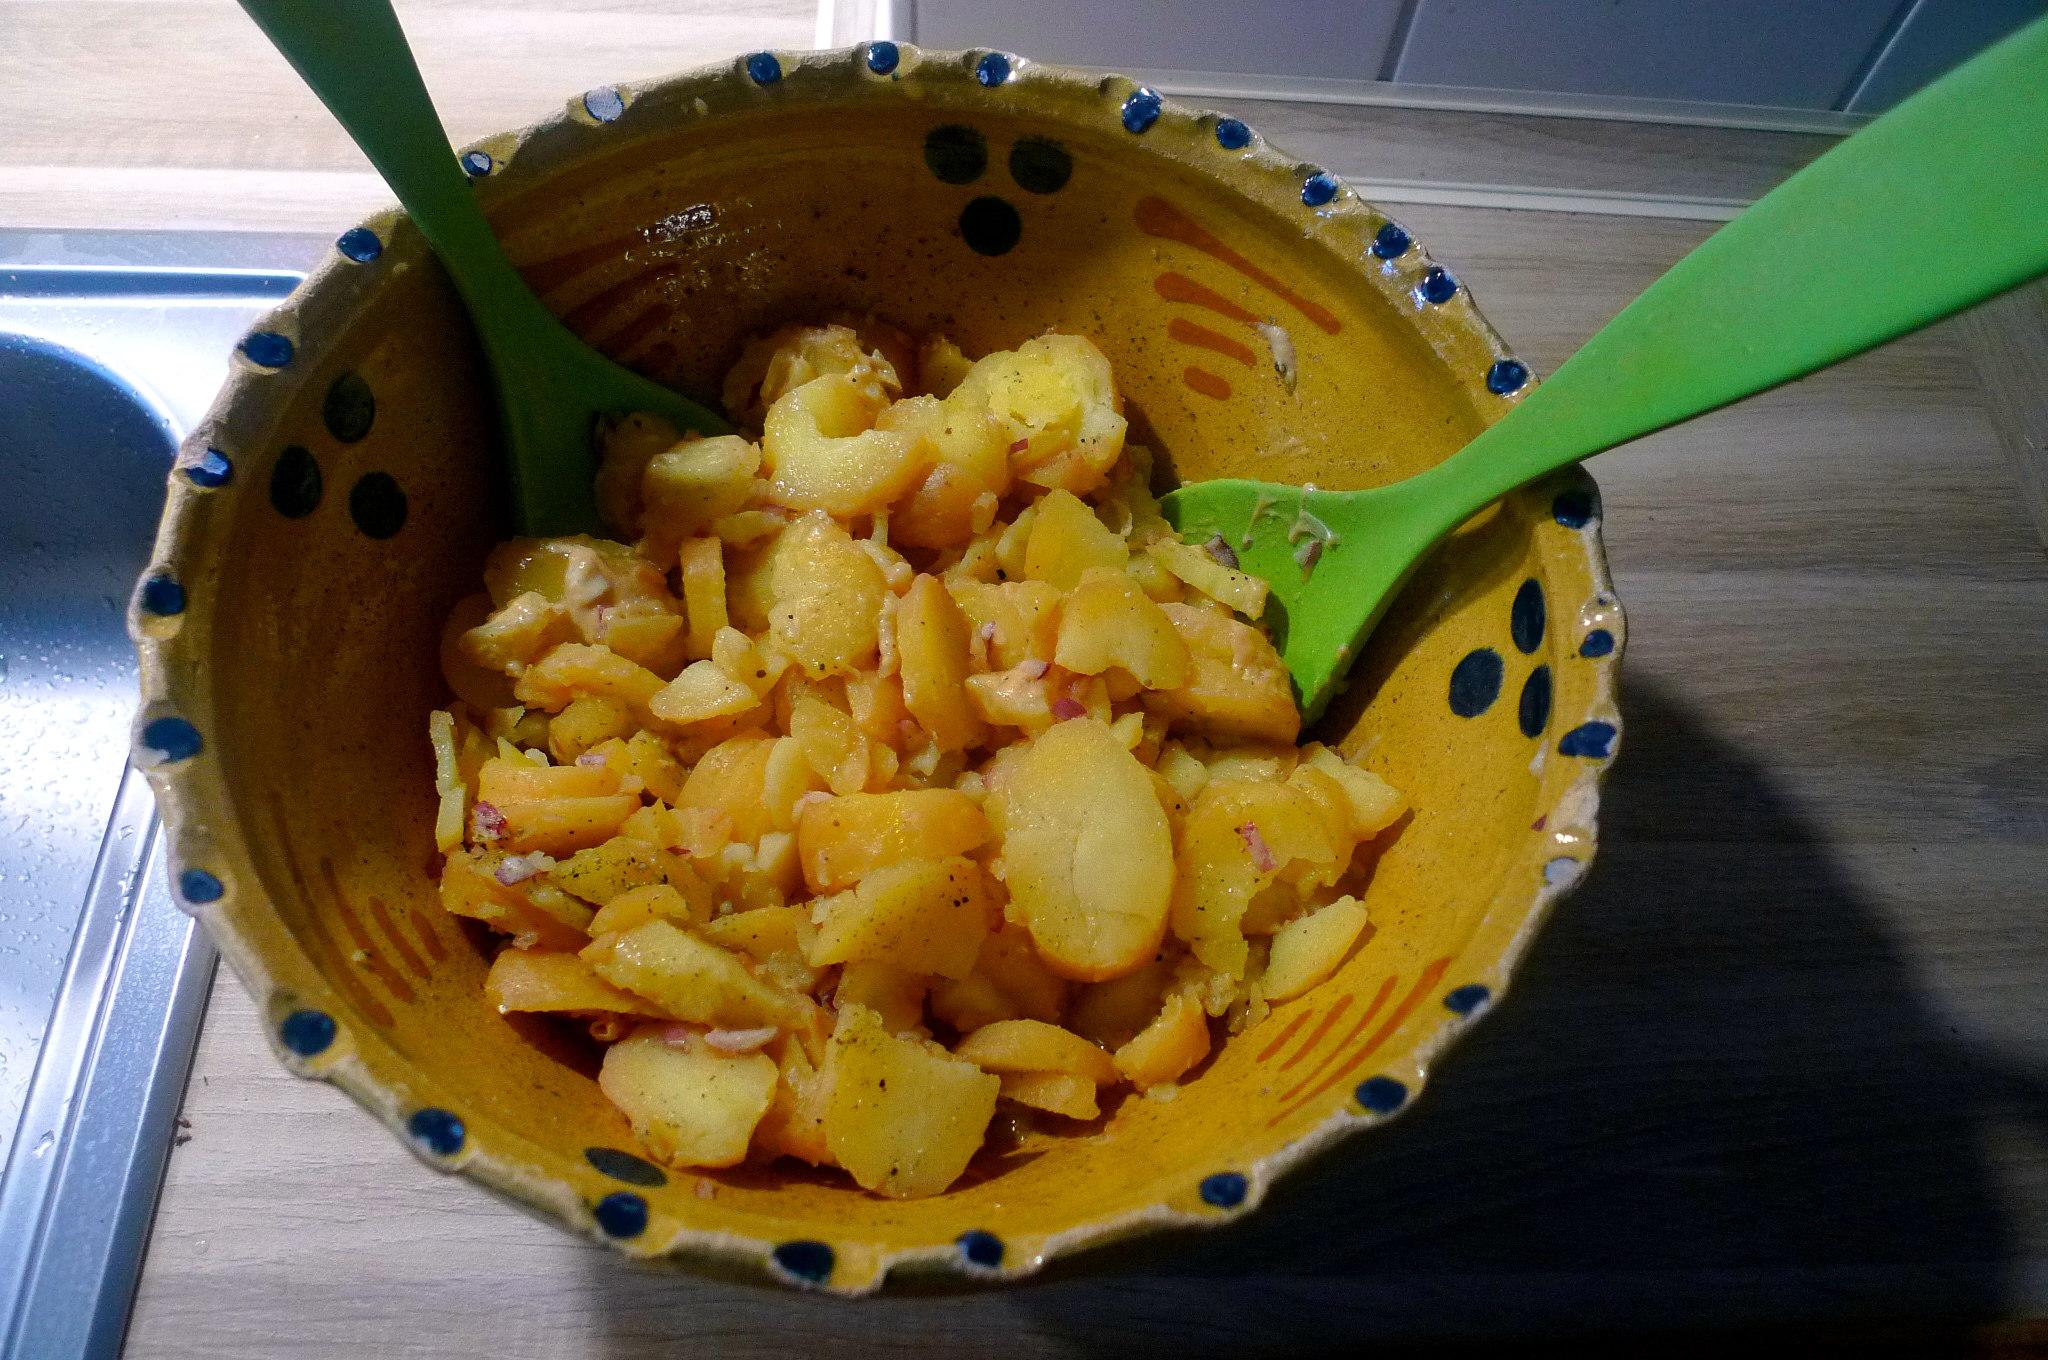 schwabischer-kartoffelsalatfeldsalatpochiertes-eispiegeleivegetarisch-7